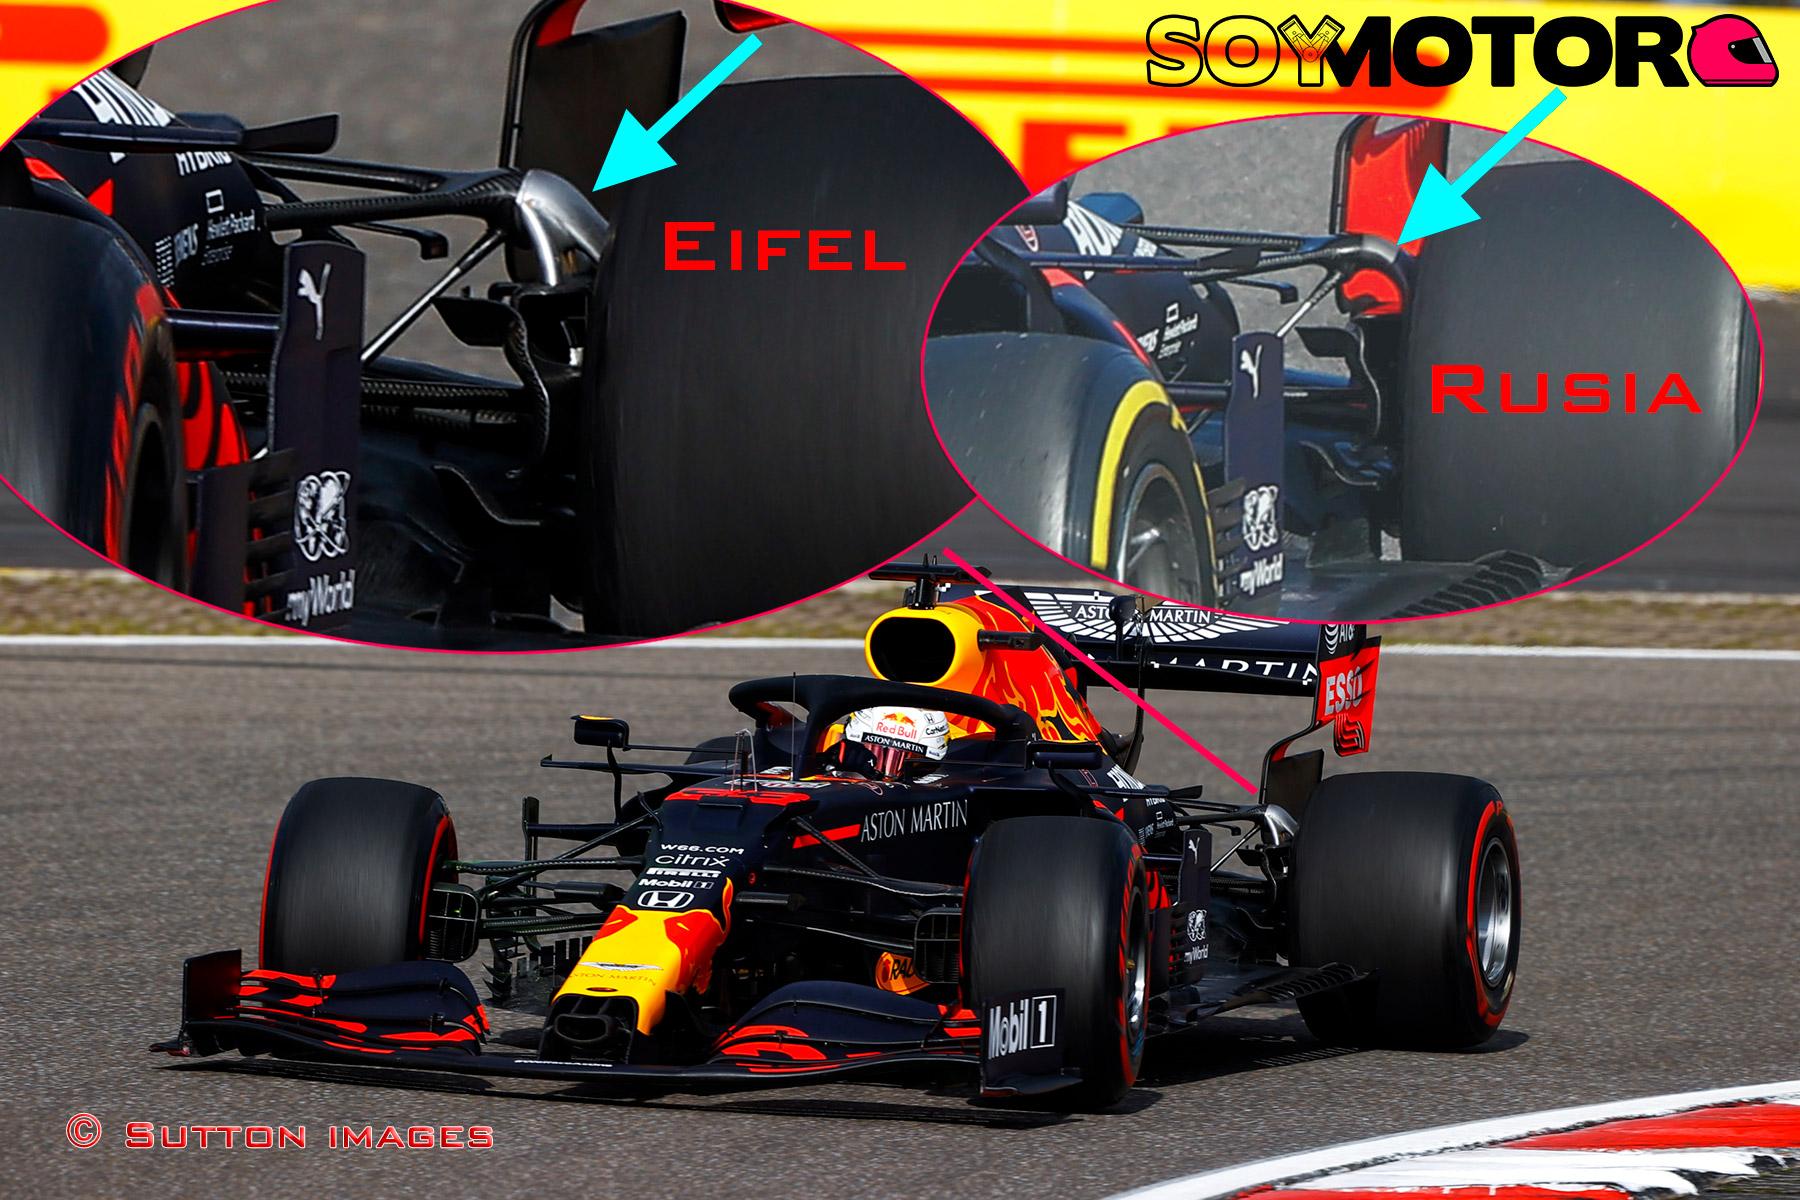 red-bull-suspension-trasera-soymotor.jpg